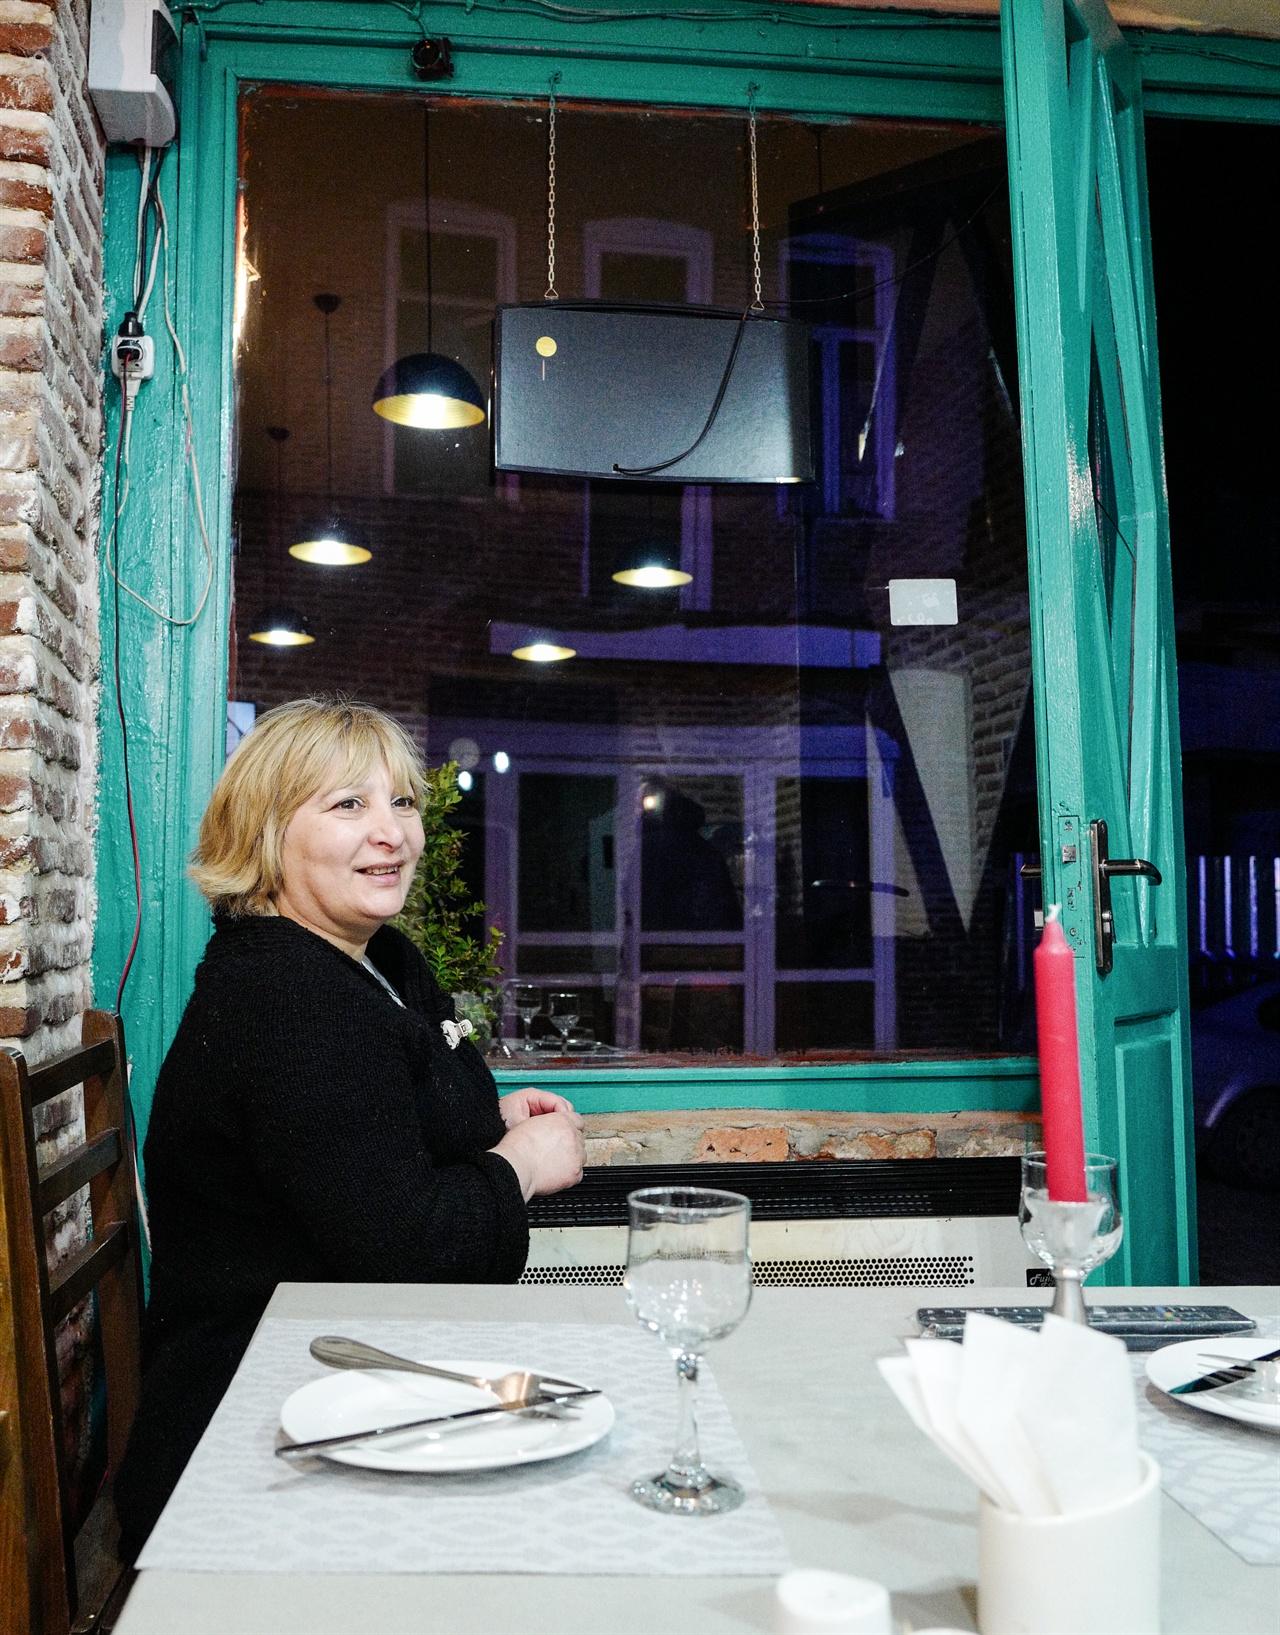 시그나기 골든라이언 식당 밤 늦도록 손님들의 발길이 이어졌다. 마지막 한 명의 손님이 떠날 때까지 문을 닫지 않는다고 했다.